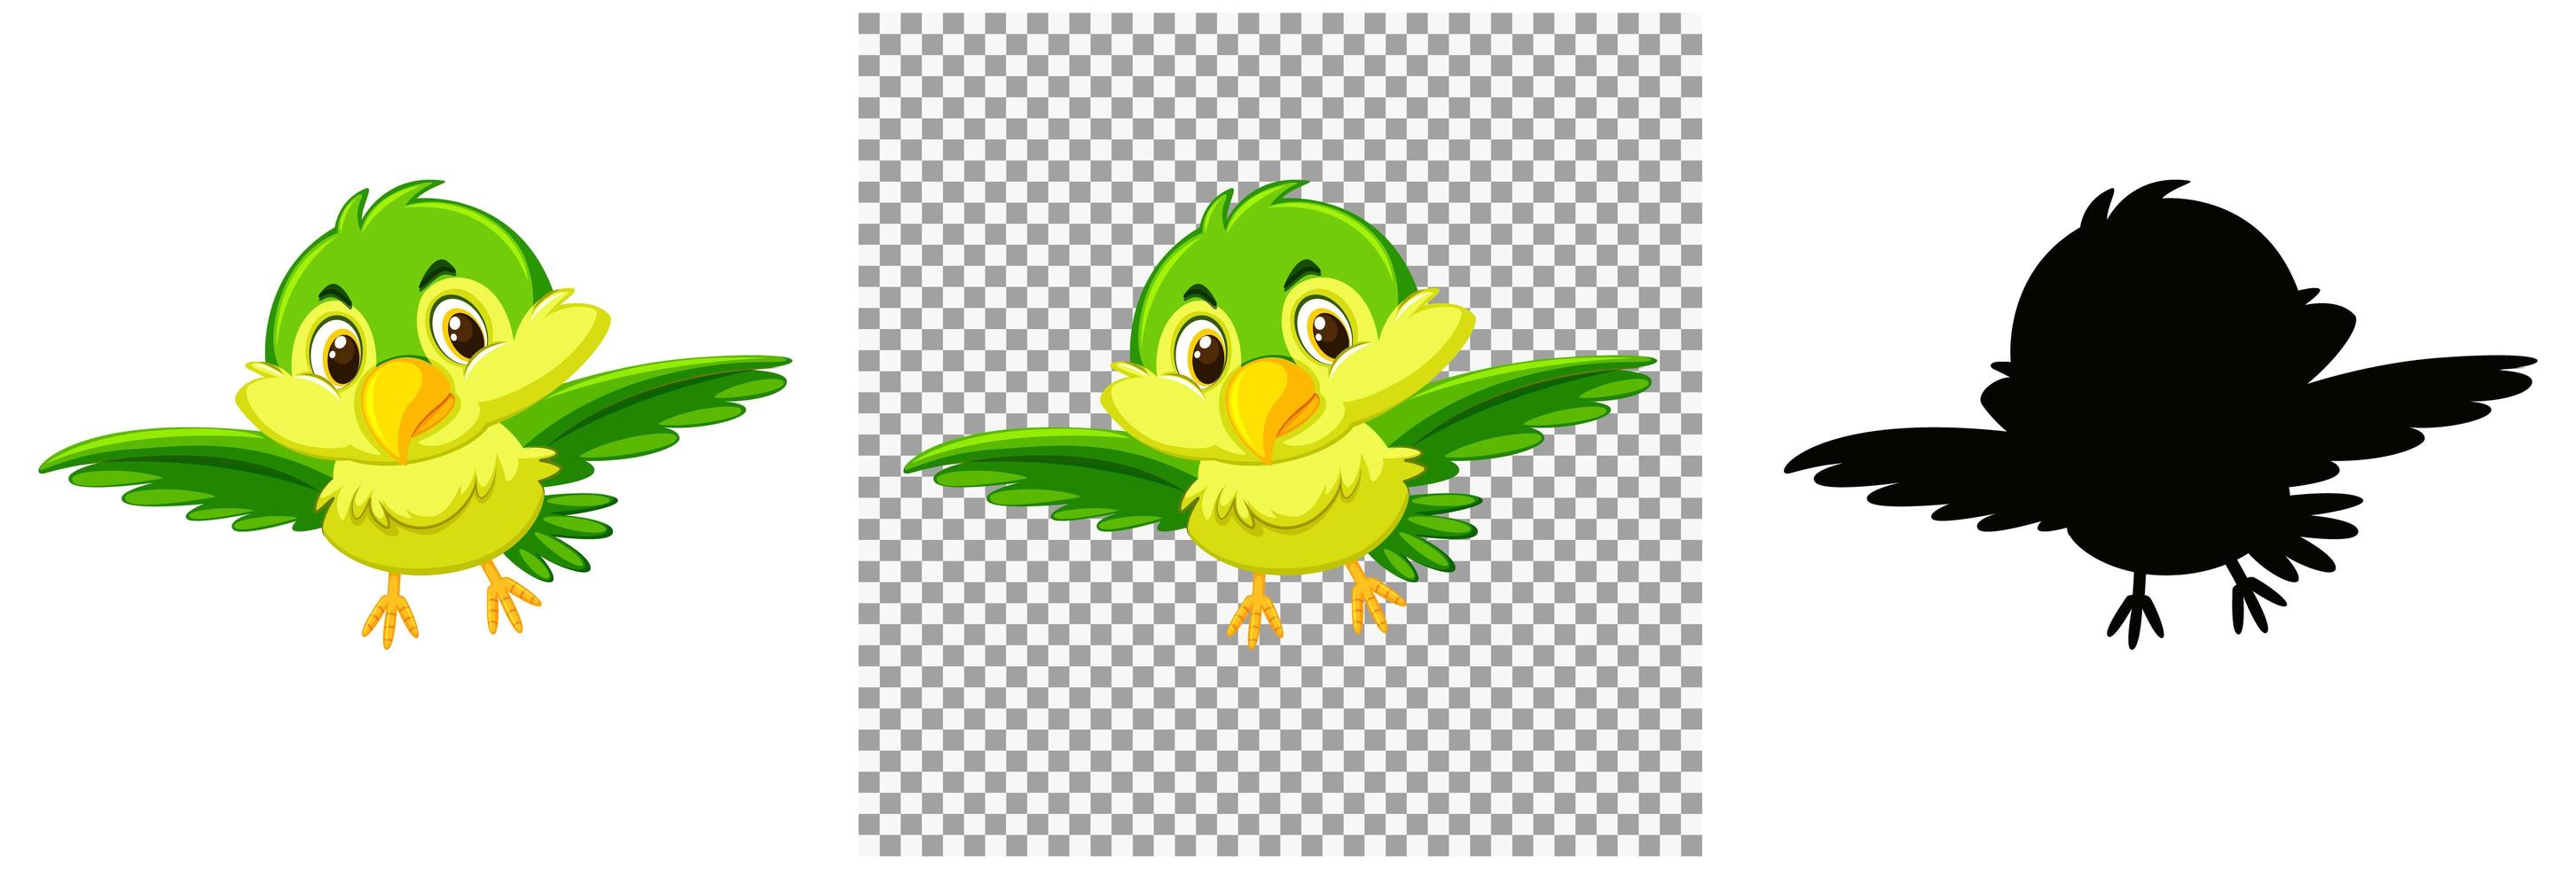 söt grön fågel seriefigur vektor